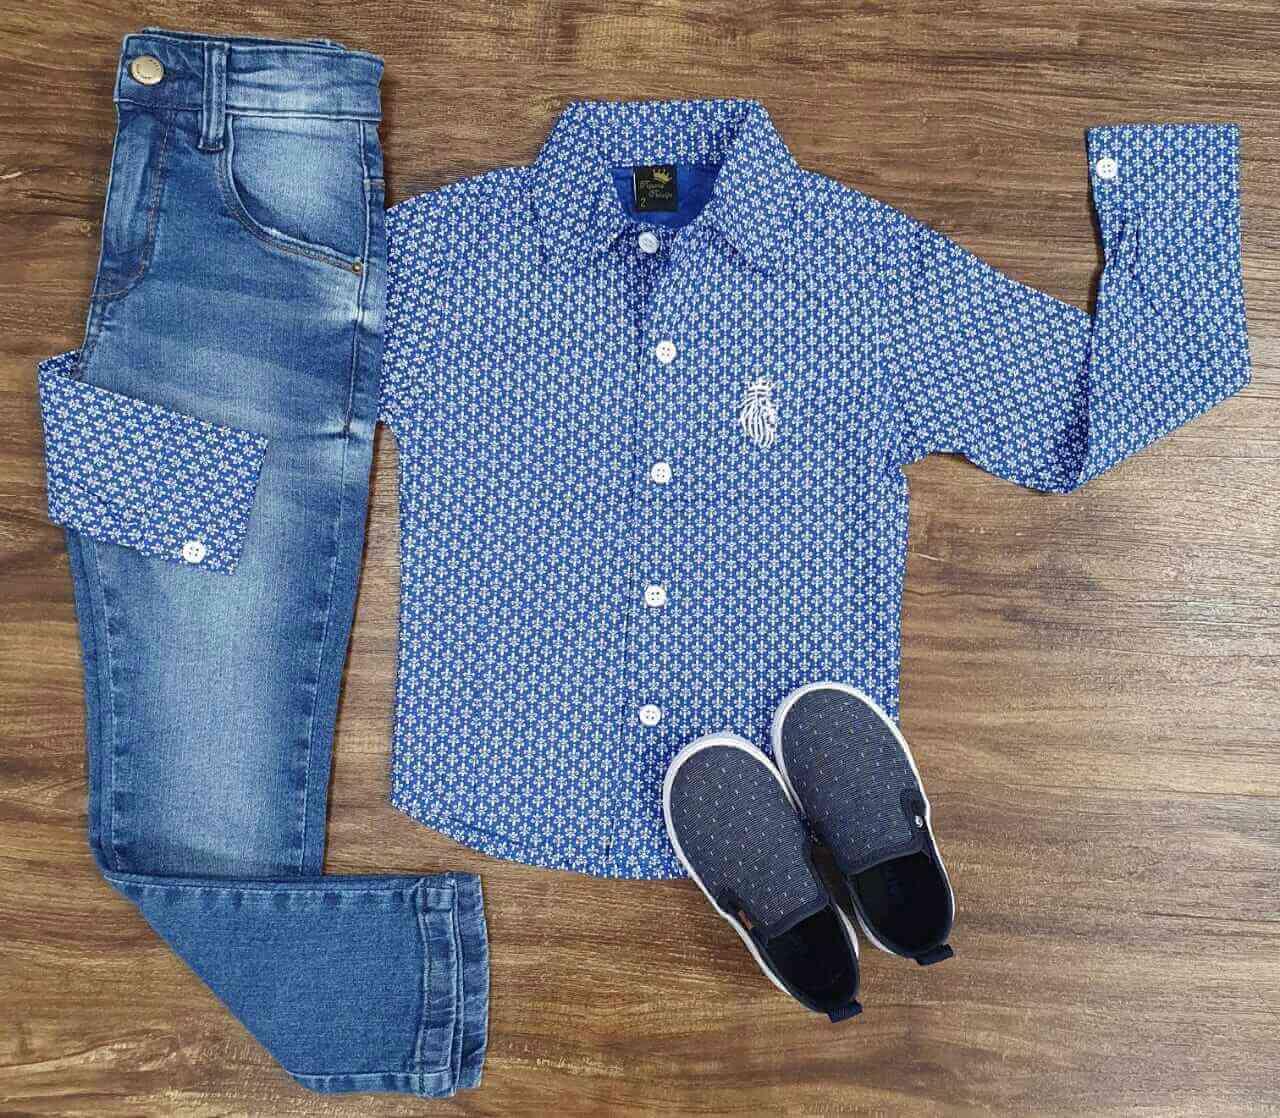 Calça Jeans com Camisa Social Desenhada